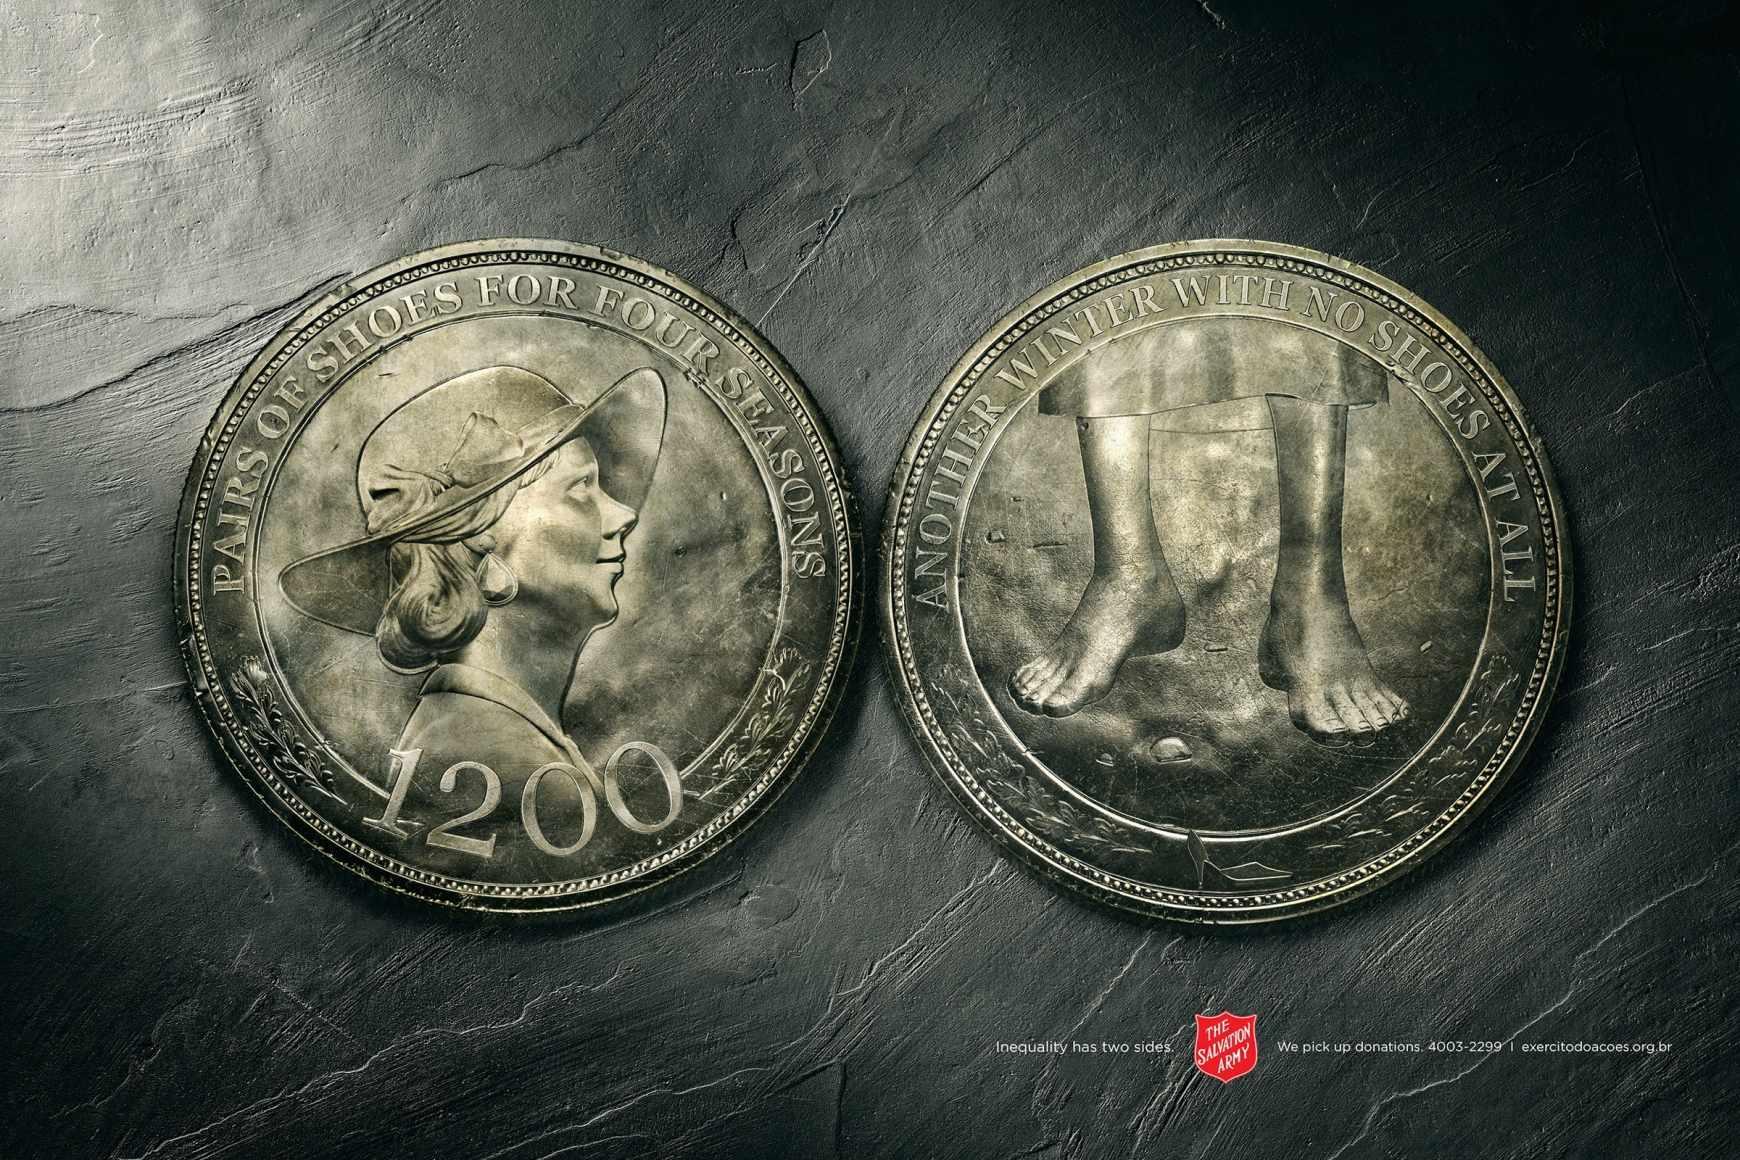 Exército de Salvação: Las dos caras de la moneda.